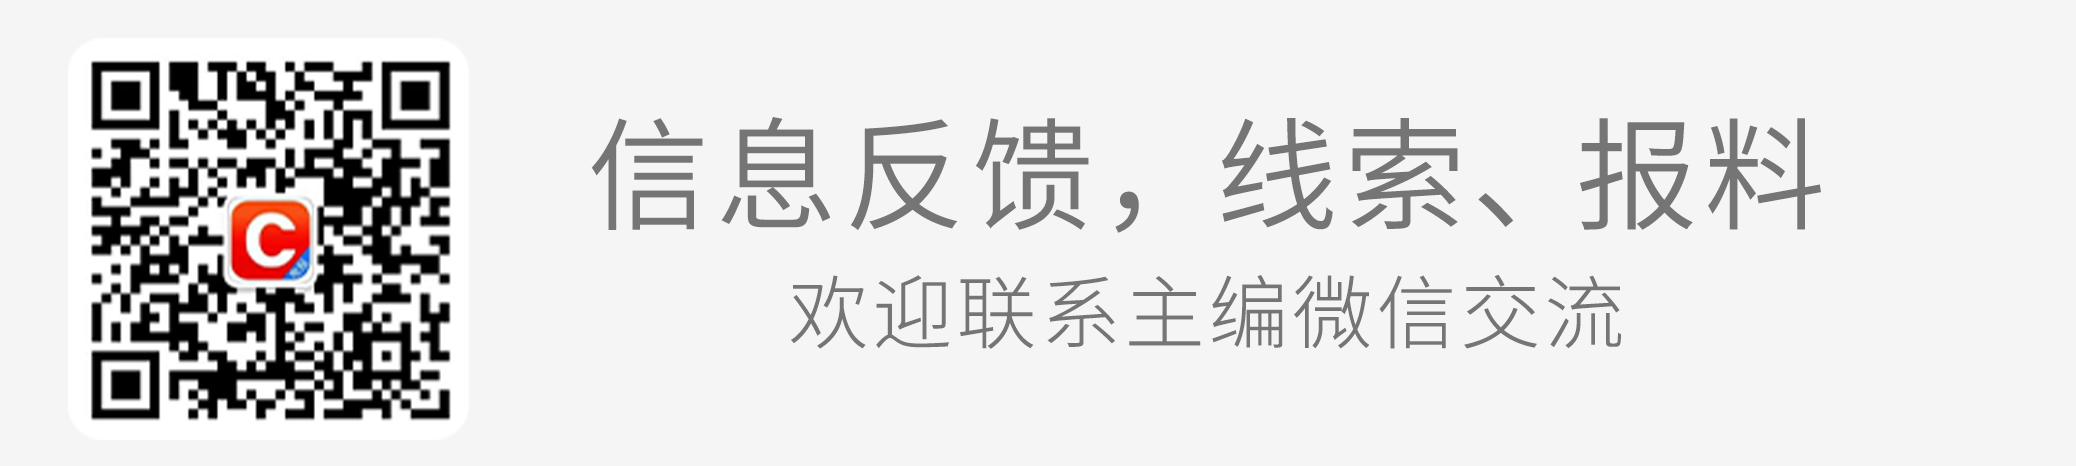 注意!社保基金会计划减持中国人保近8.84亿股A股 减持股份价格存在不确定性